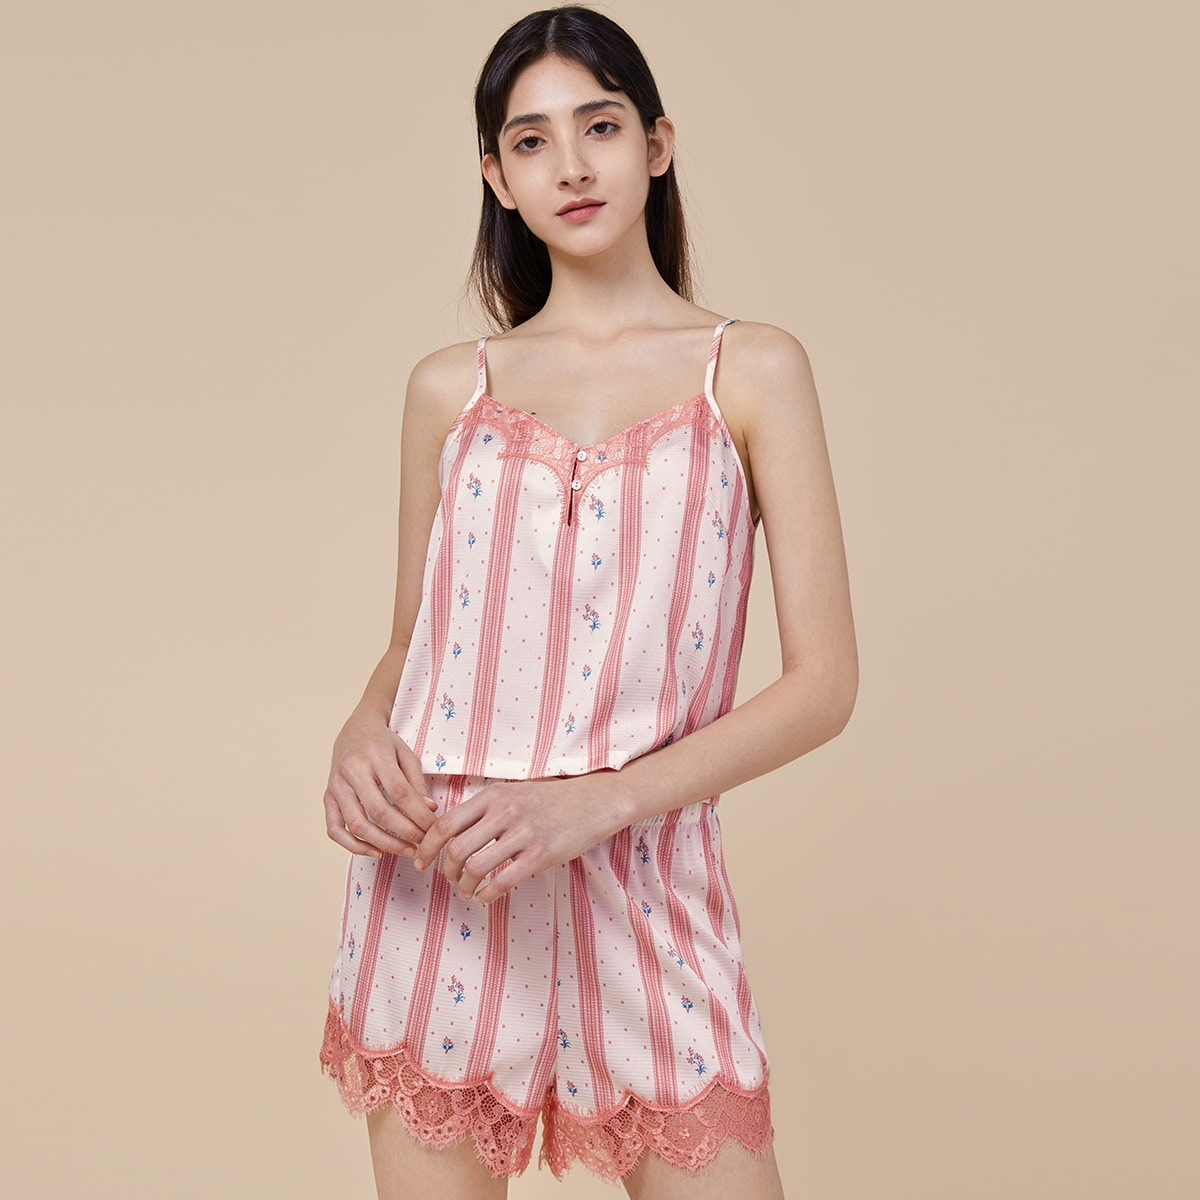 Pjm пижама в горошек с цветочным принтом